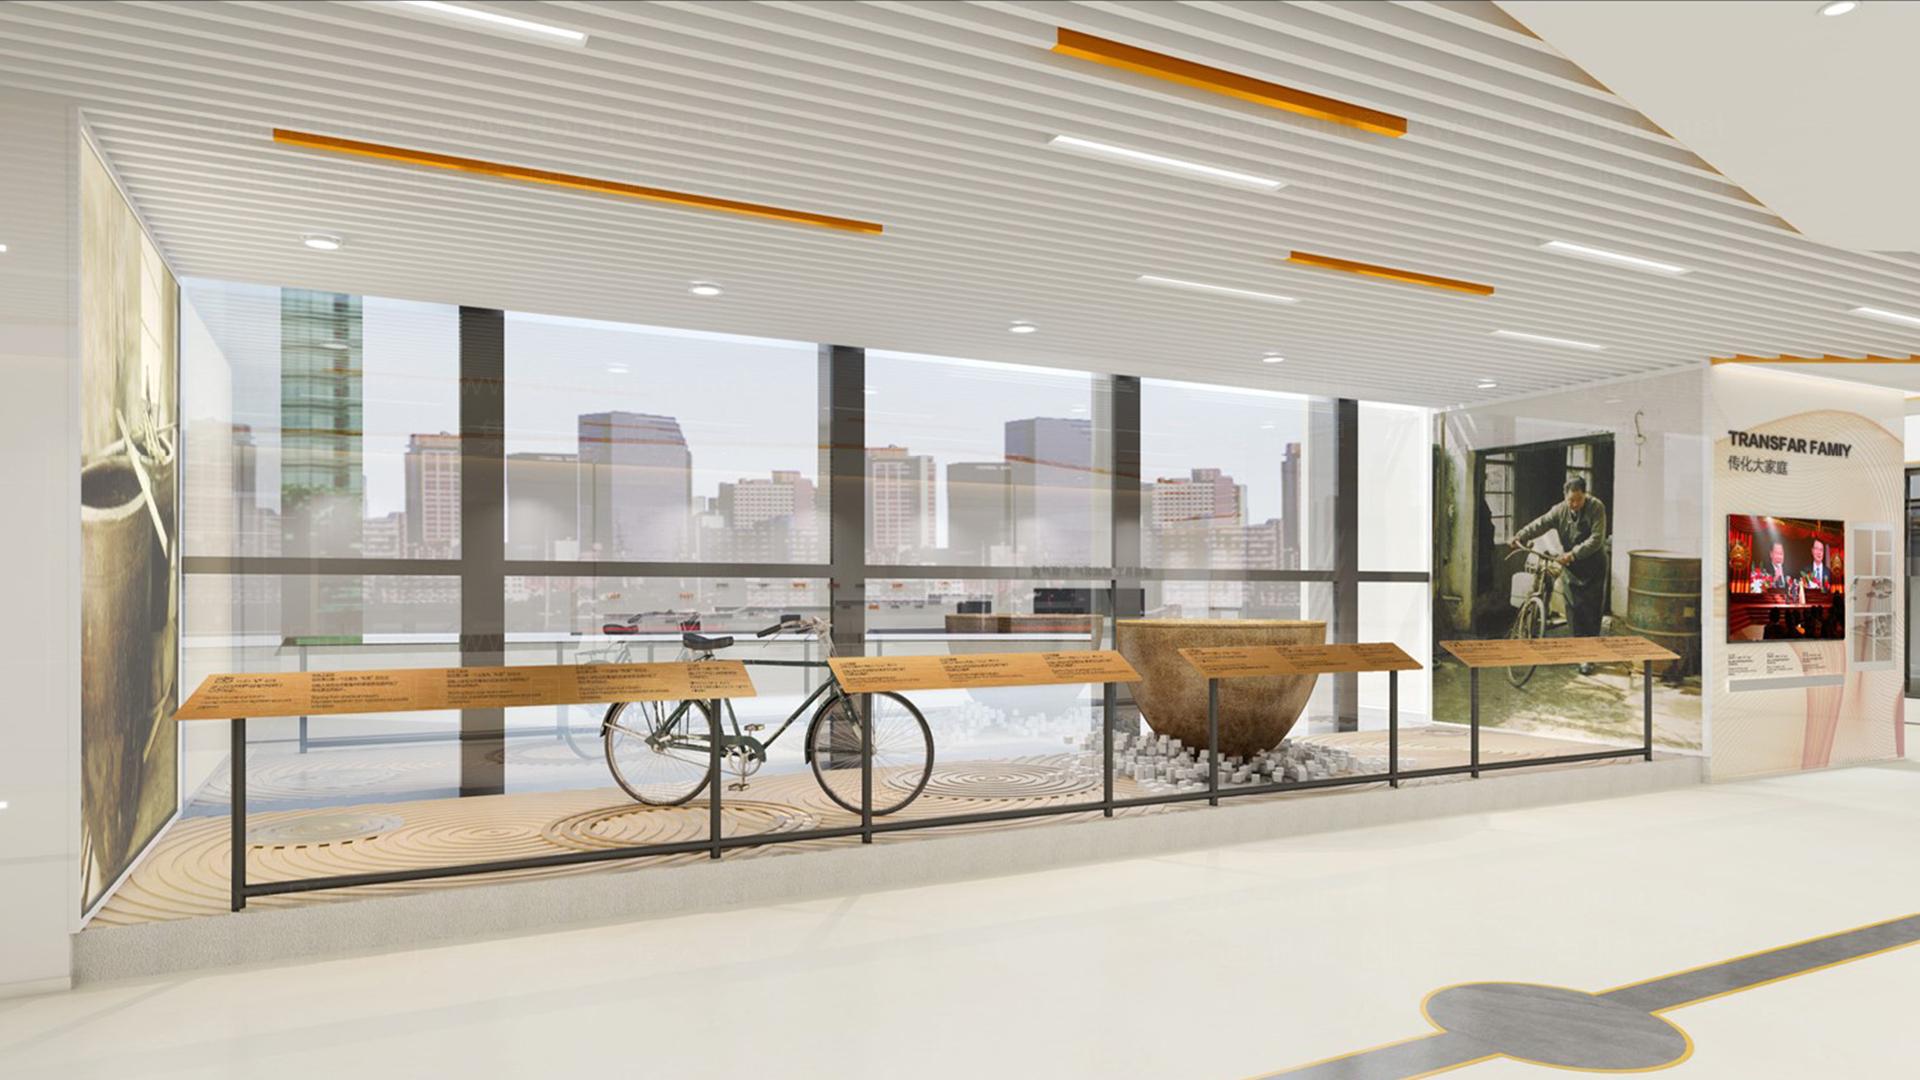 商业空间&导示传化支付展厅设计应用场景